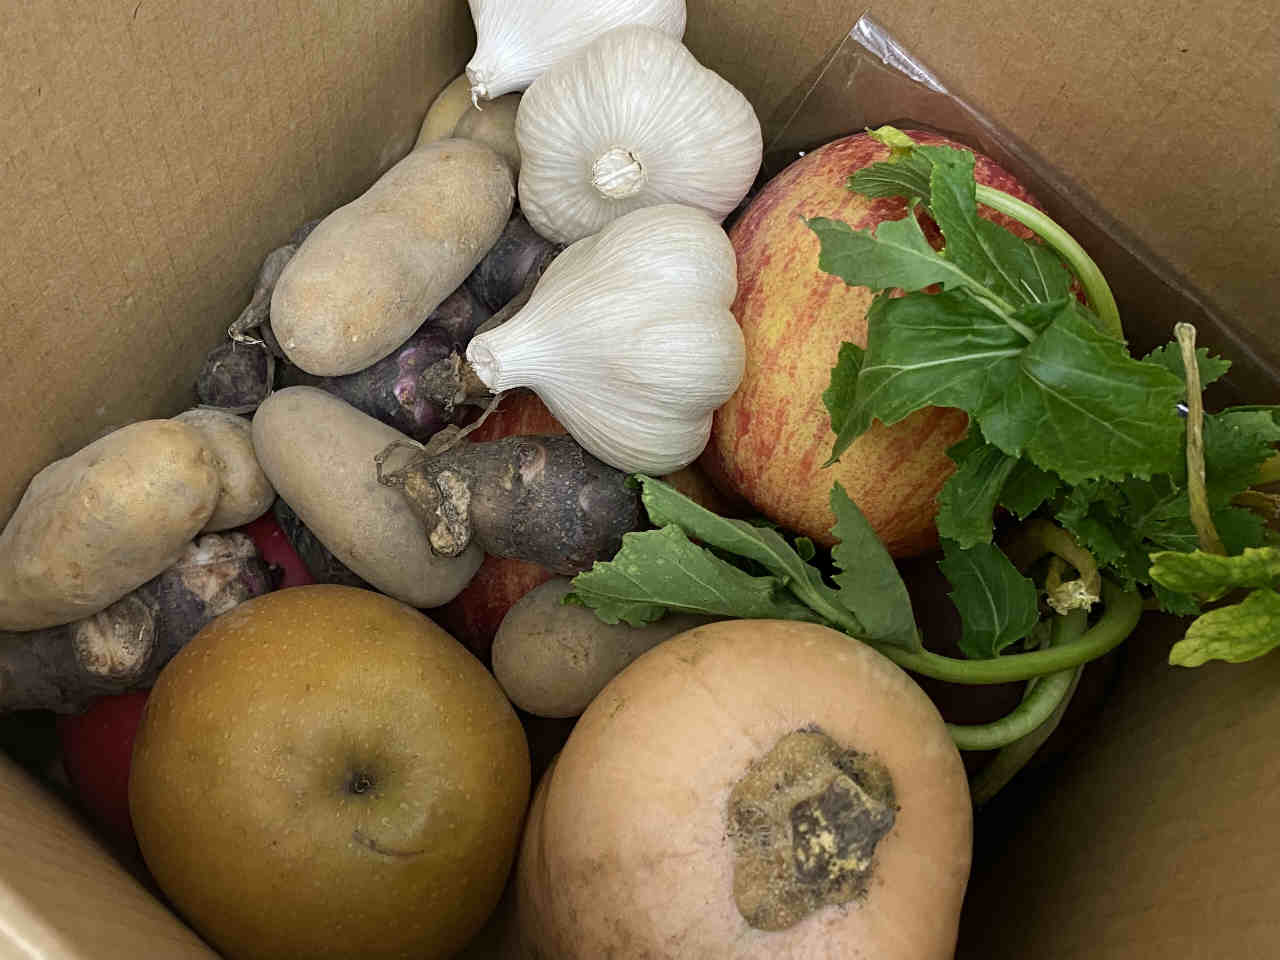 廣田神社様で行われた新嘗祭に奉納された野菜や果物を県社協が運営する「県善意銀行」を通じて頂戴しました。